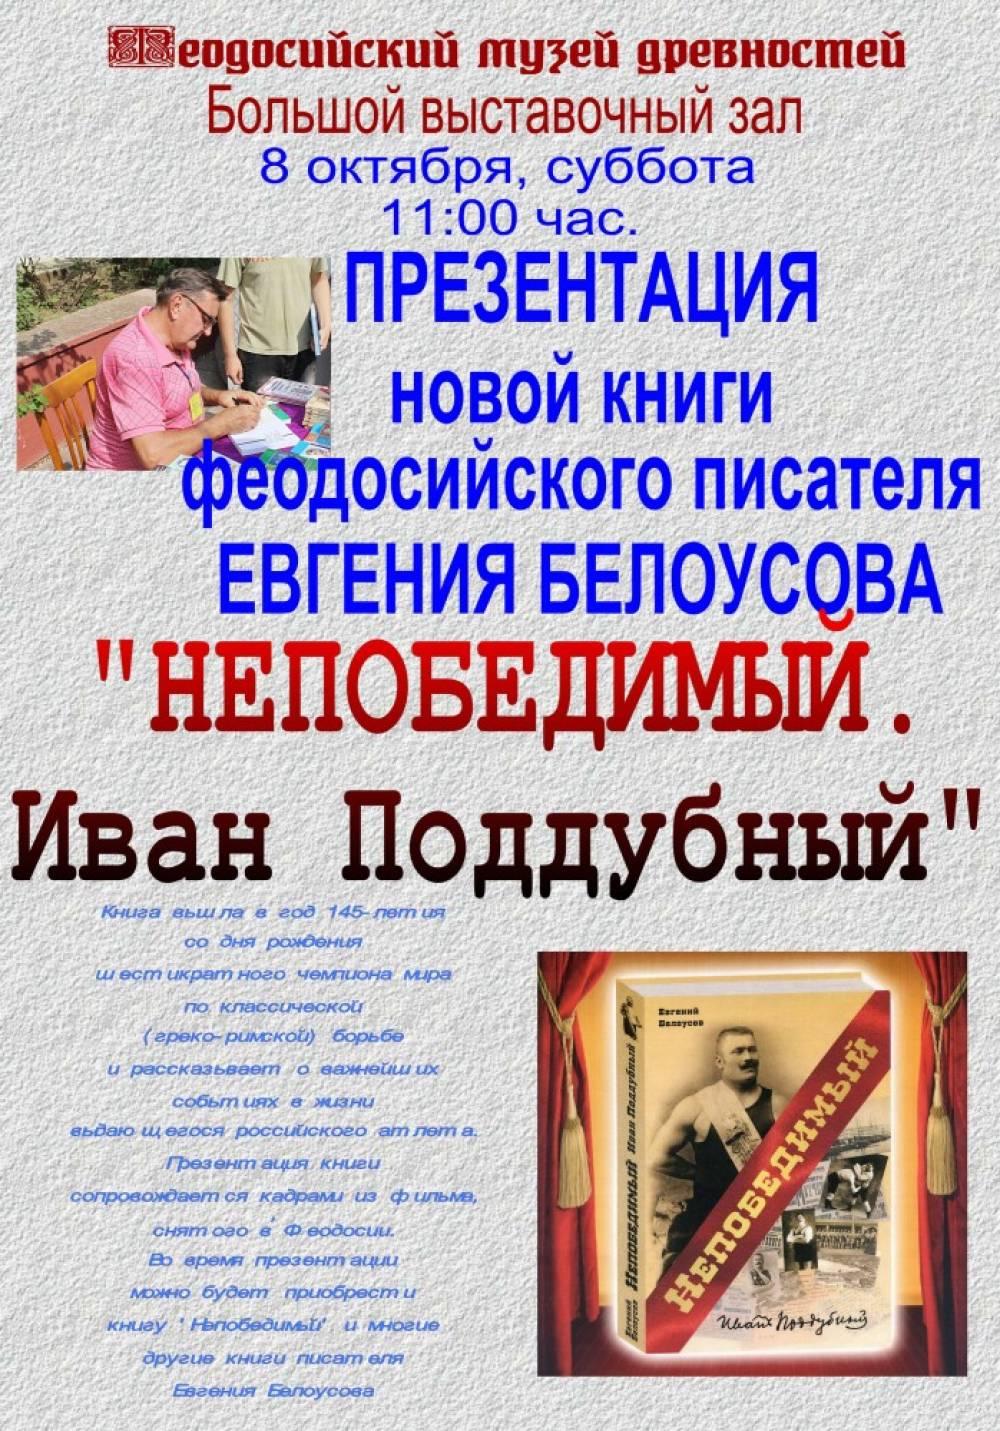 В феодосийском музее древностей презентуют книгу Евгения Белоусова «Непобедимый. Иван Поддубный»